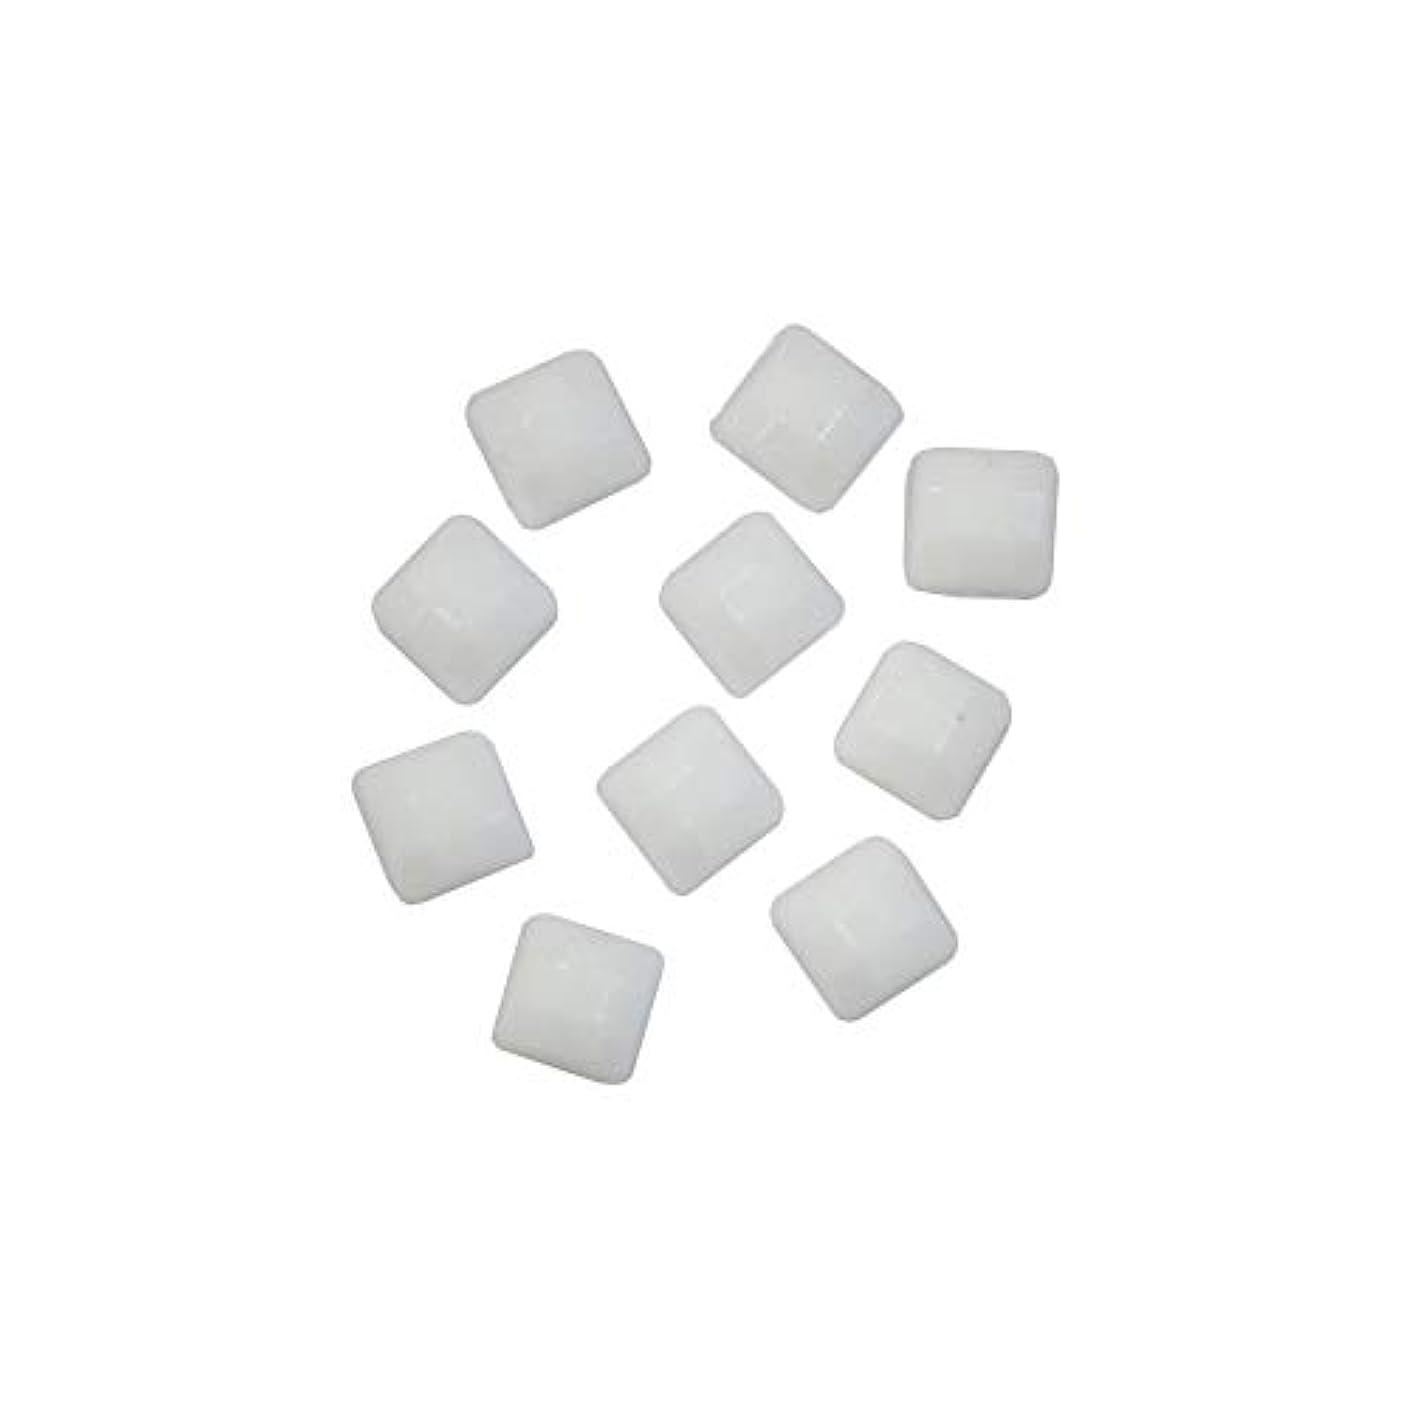 武器木材コールスクエアストーン 30粒 / 色々使える四角いアクリルストーン (ホワイト 4mm)